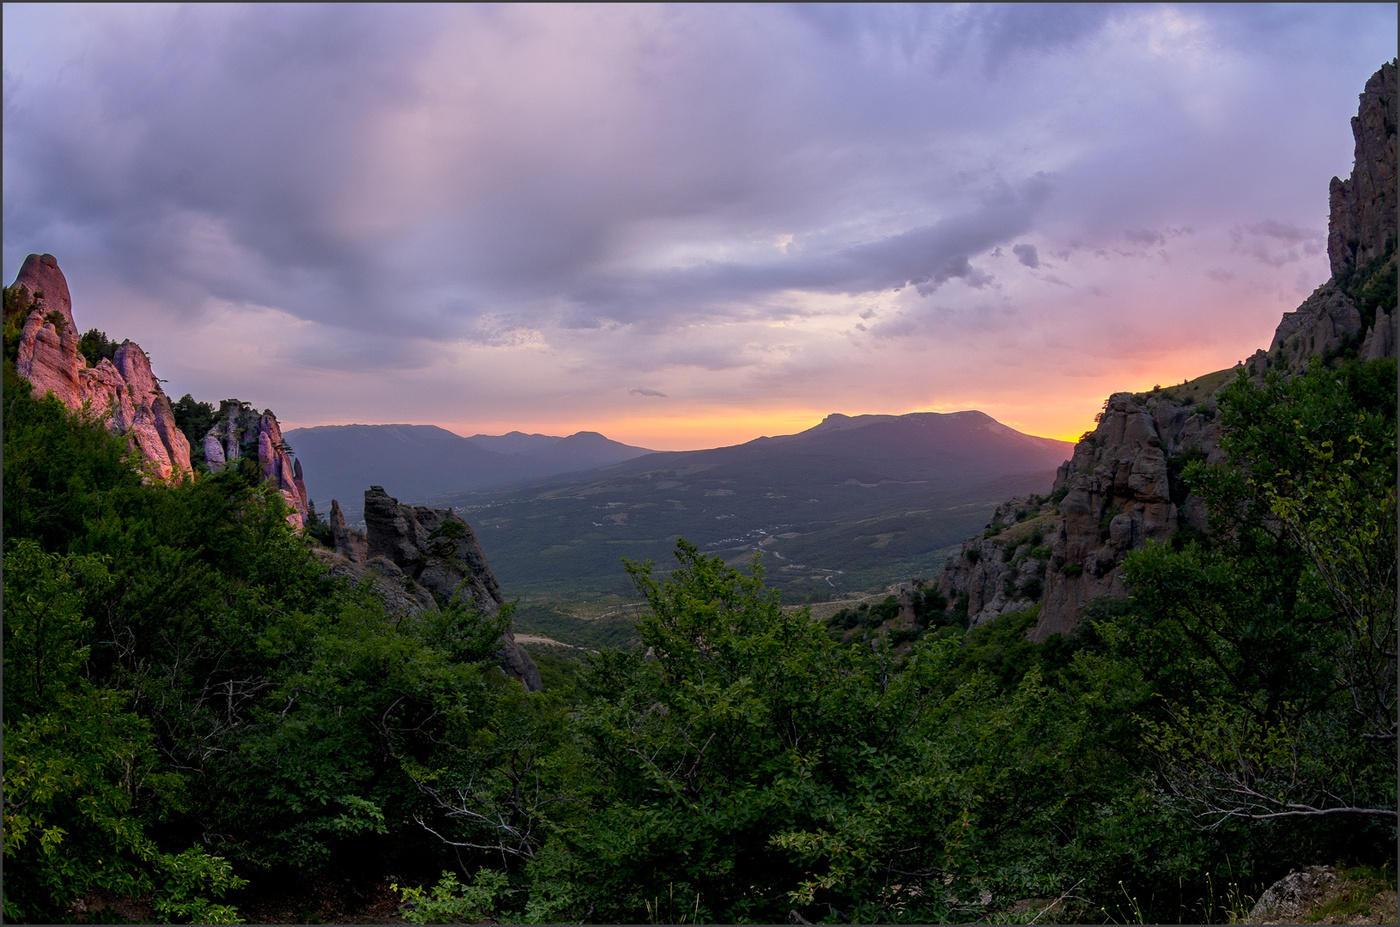 Картинки горы крыма с названиями